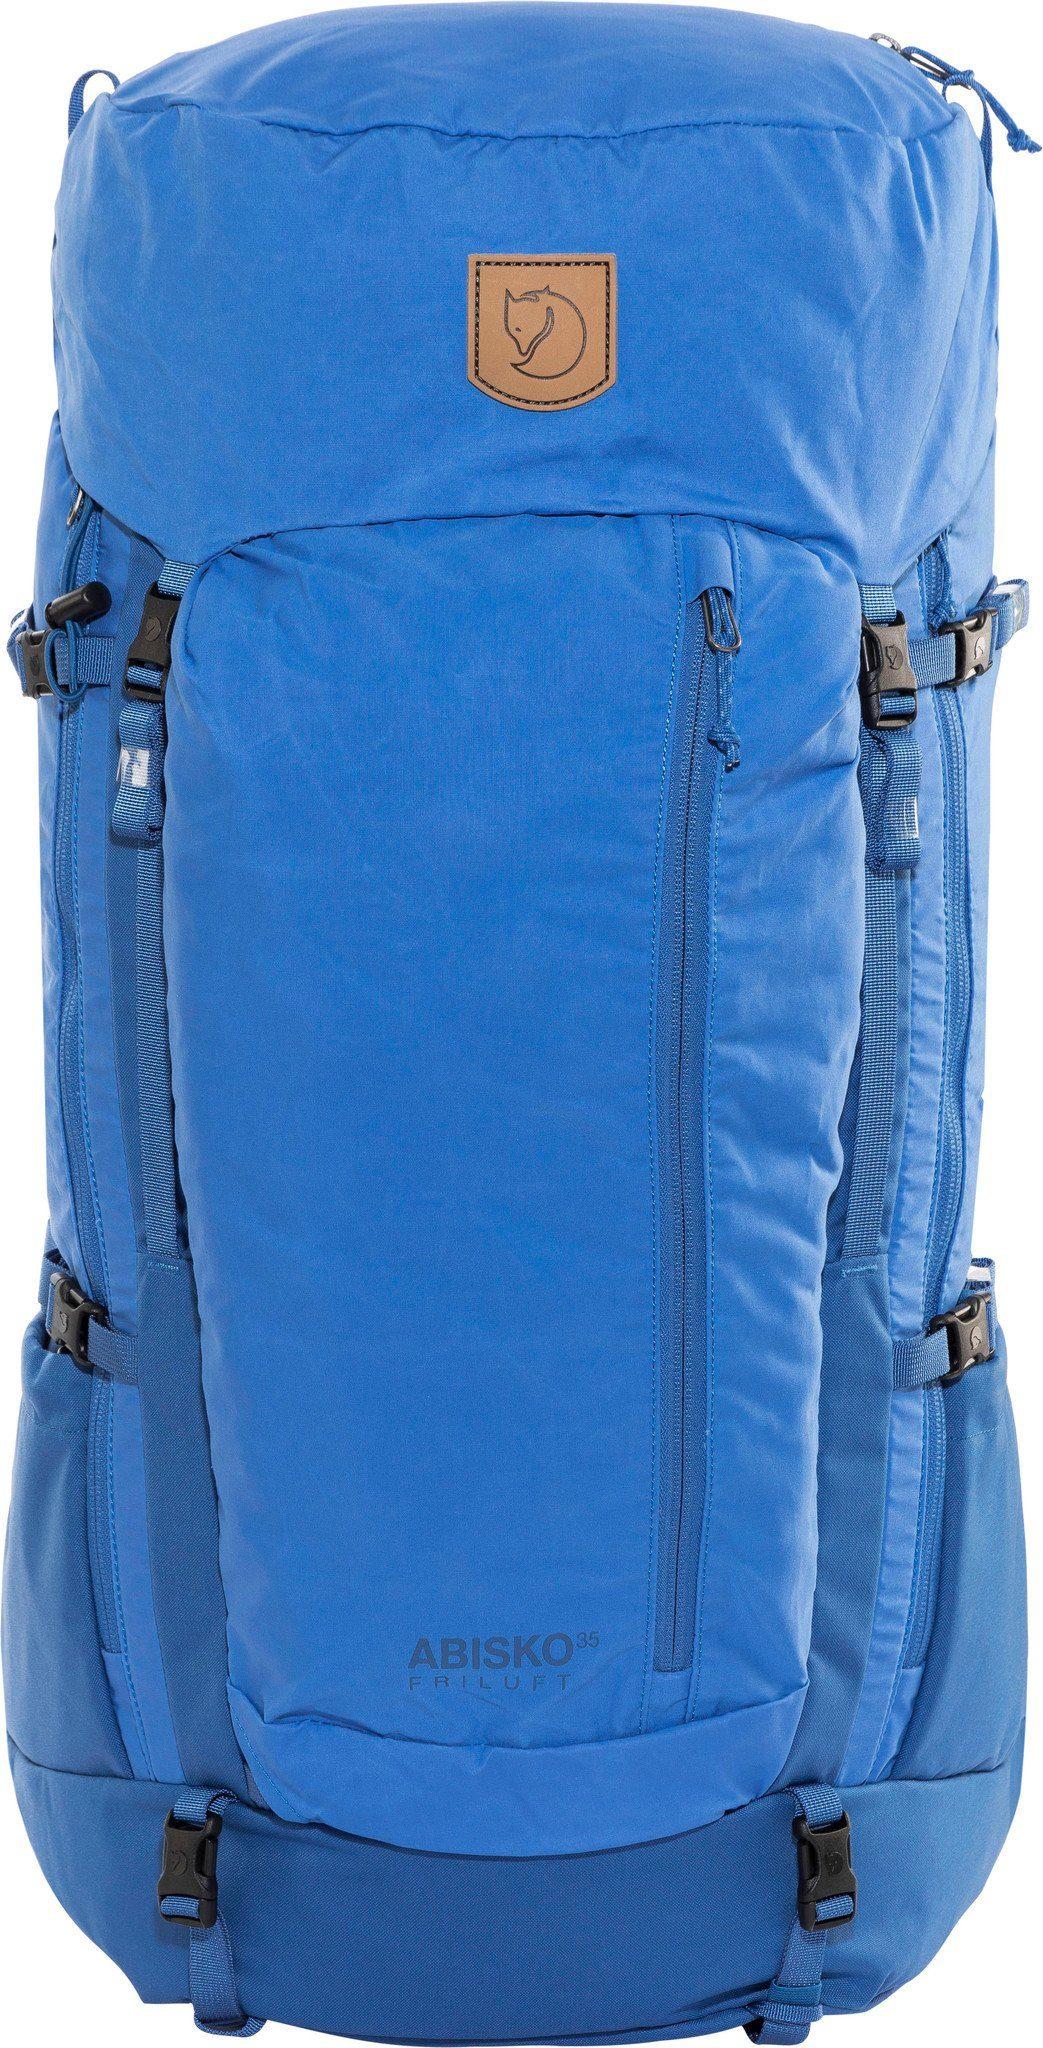 FJÄLLRÄVEN Wanderrucksack »Abisko Friluft 35 Backpack«